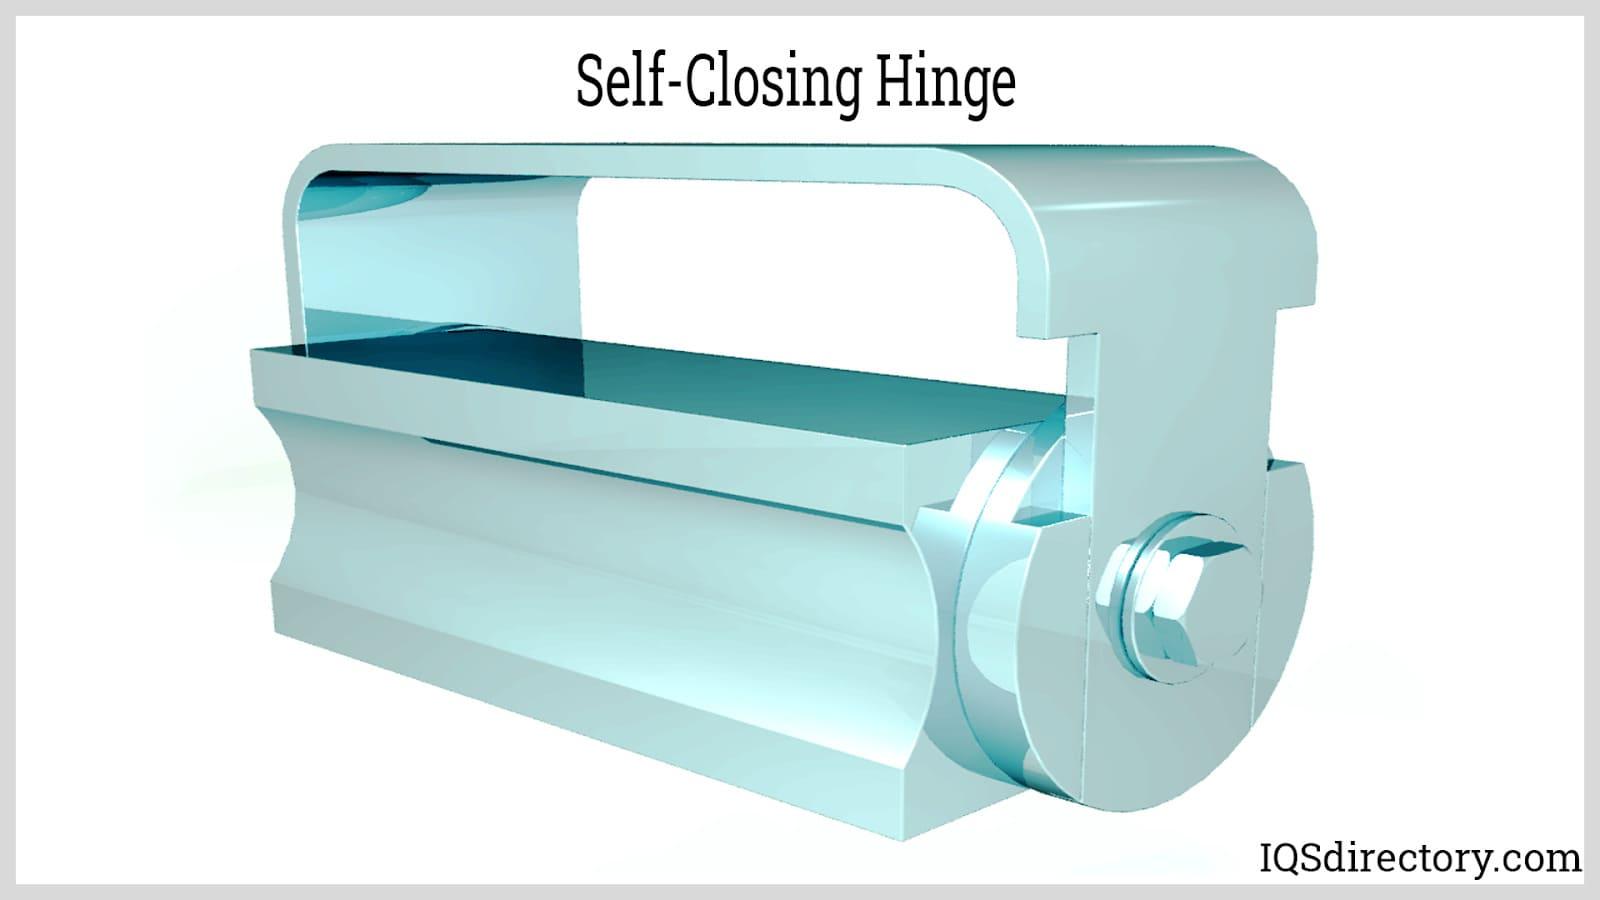 Self-Closing Hinge